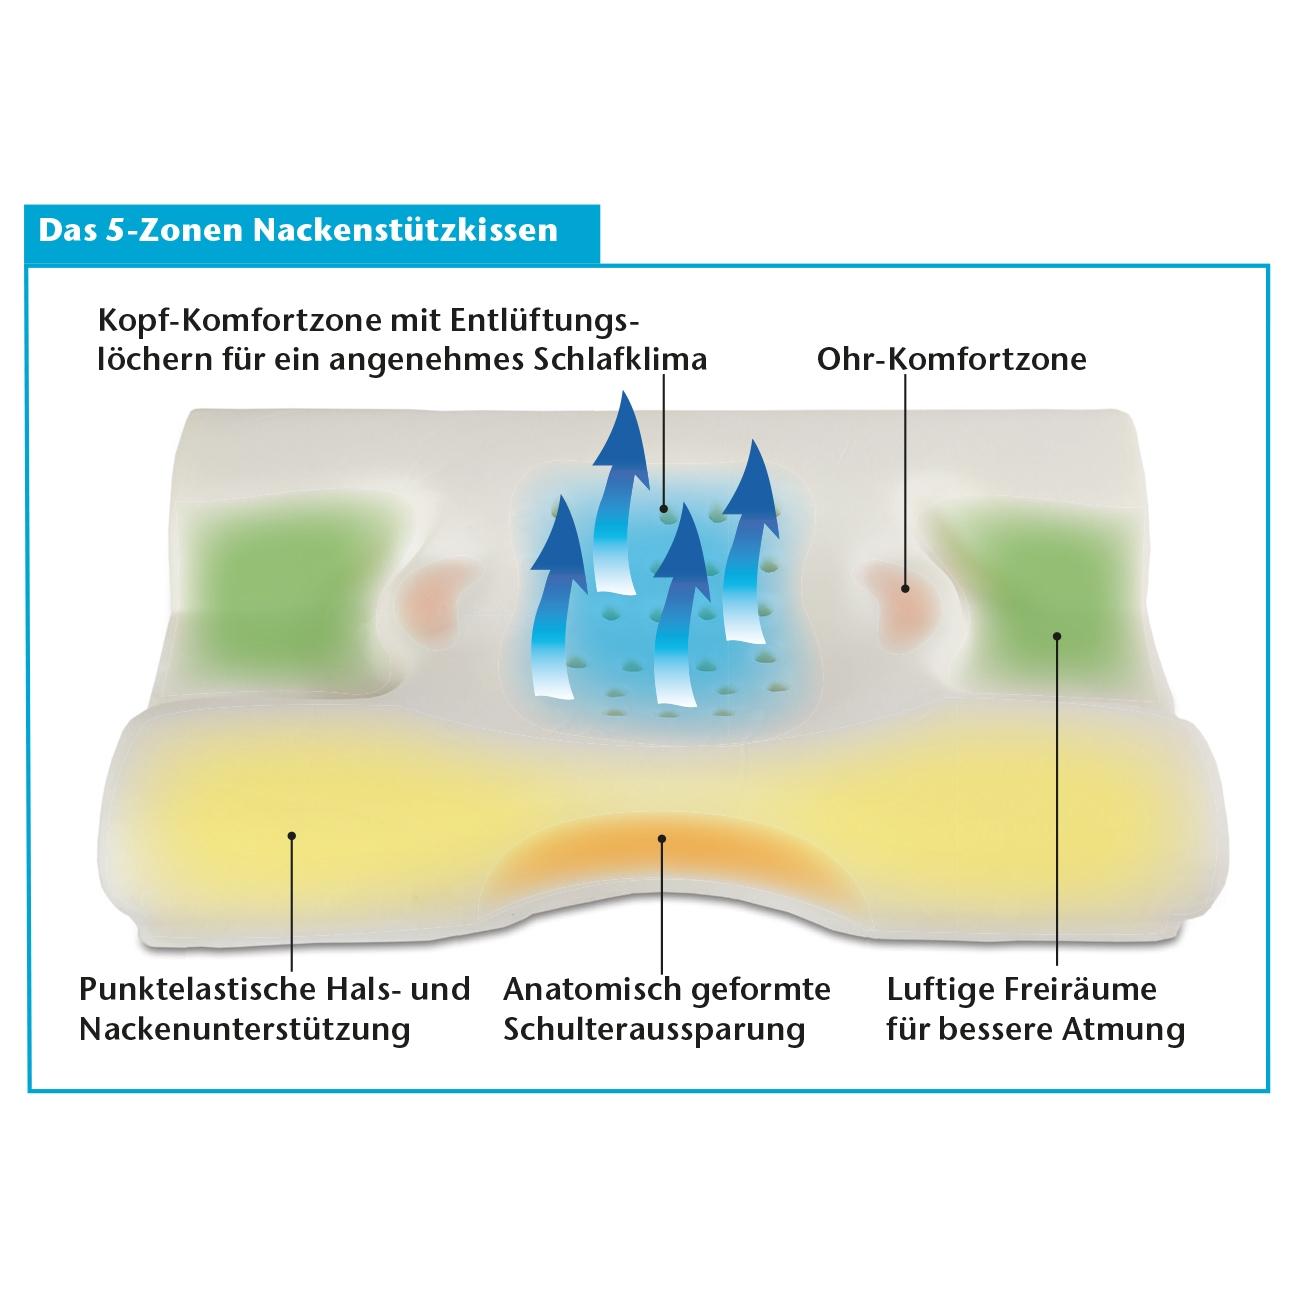 Das orthopädische 5 Zonen Nackenstützkissen.